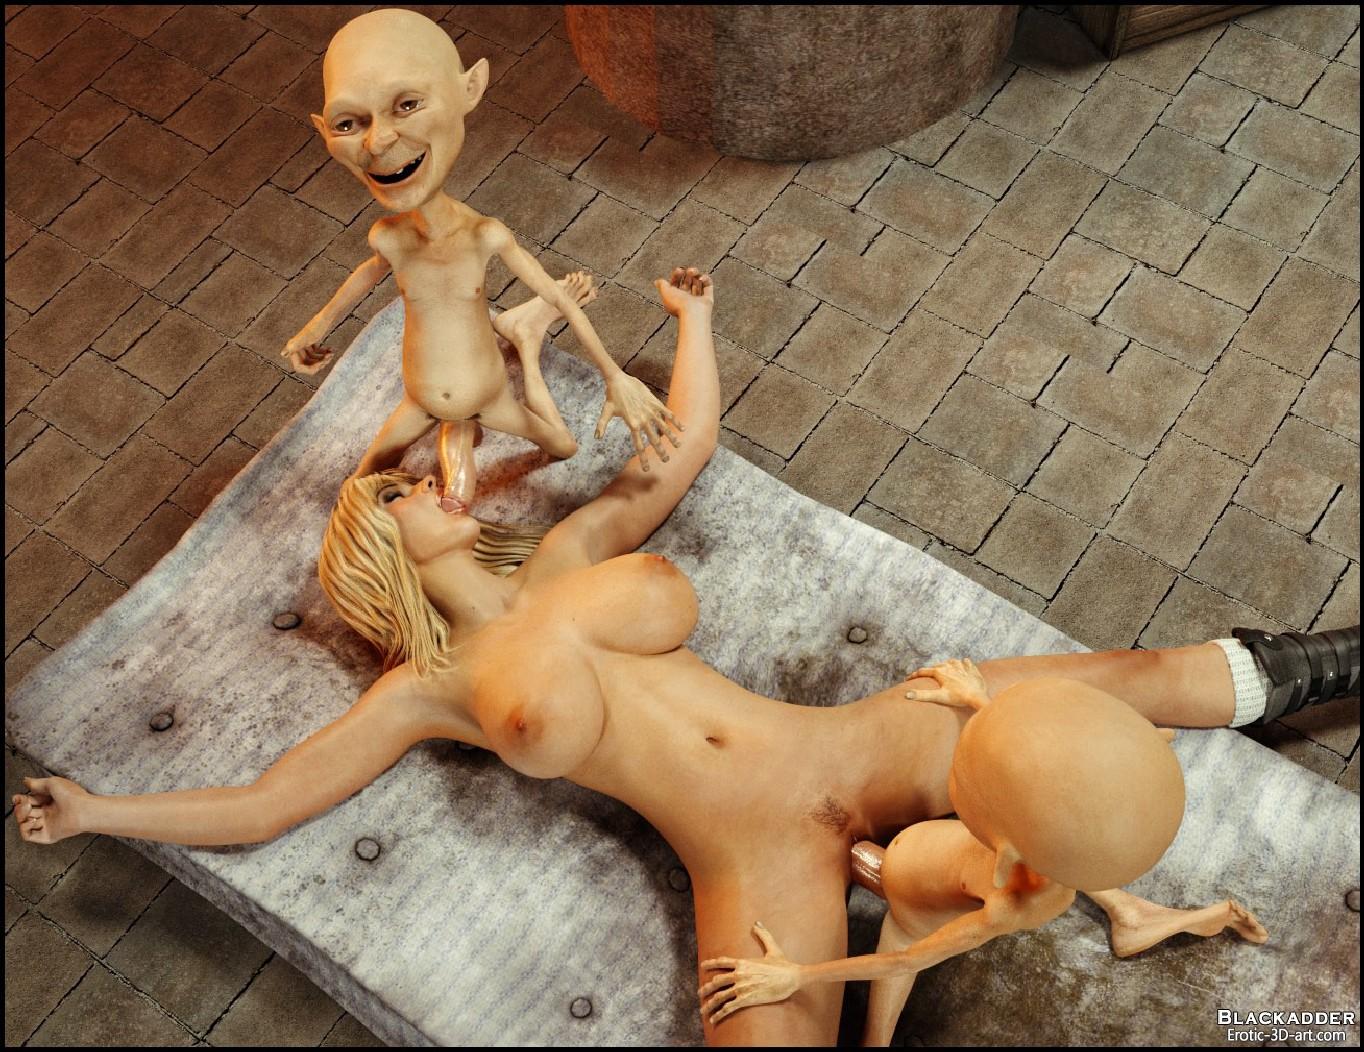 Порно игры онлайн флеш игры для взрослых